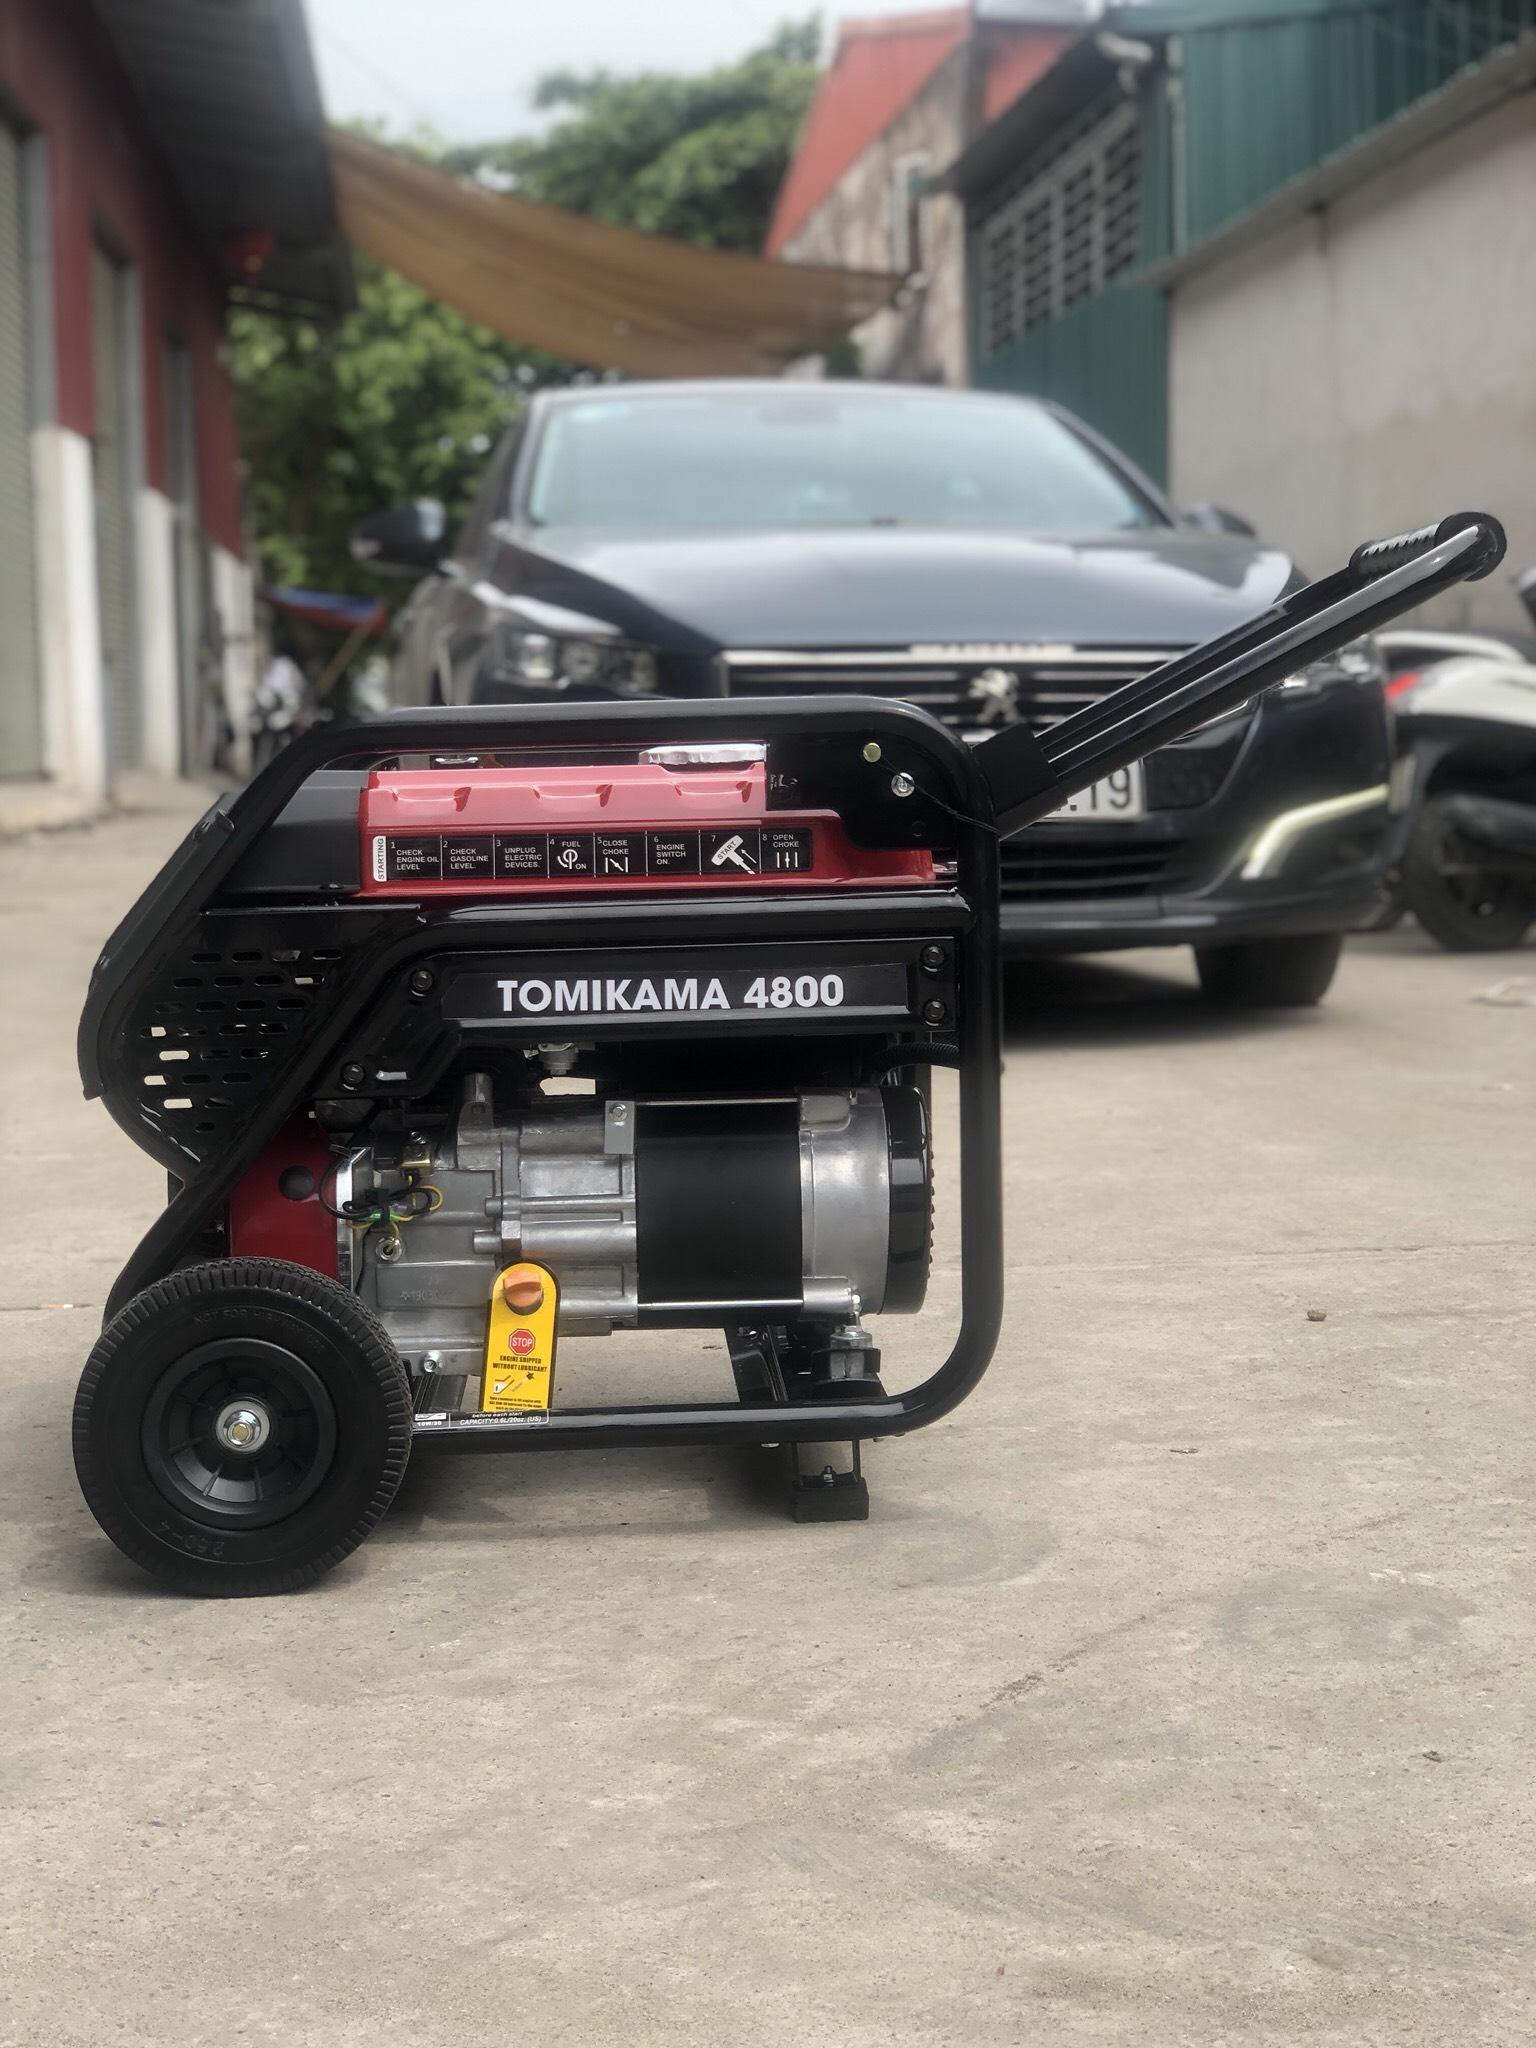 Máy phát điện chạy xăng Tomikama 4800 công suất 3.5kw đề nổ